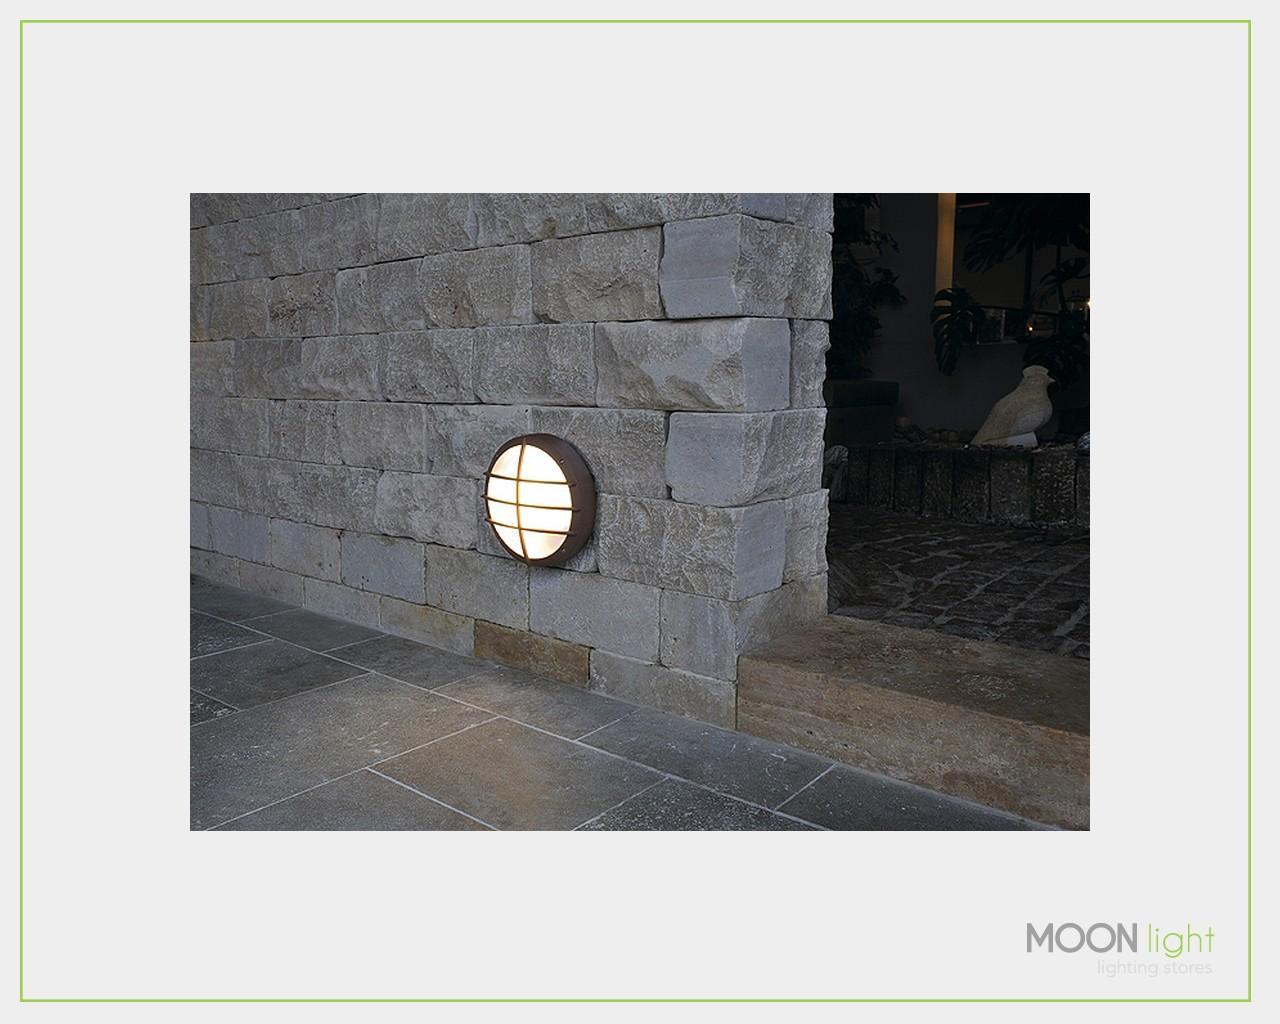 Plafoniera Da Esterno Ruggine : Lanterne lampade arredamento mobili e accessori per la casa